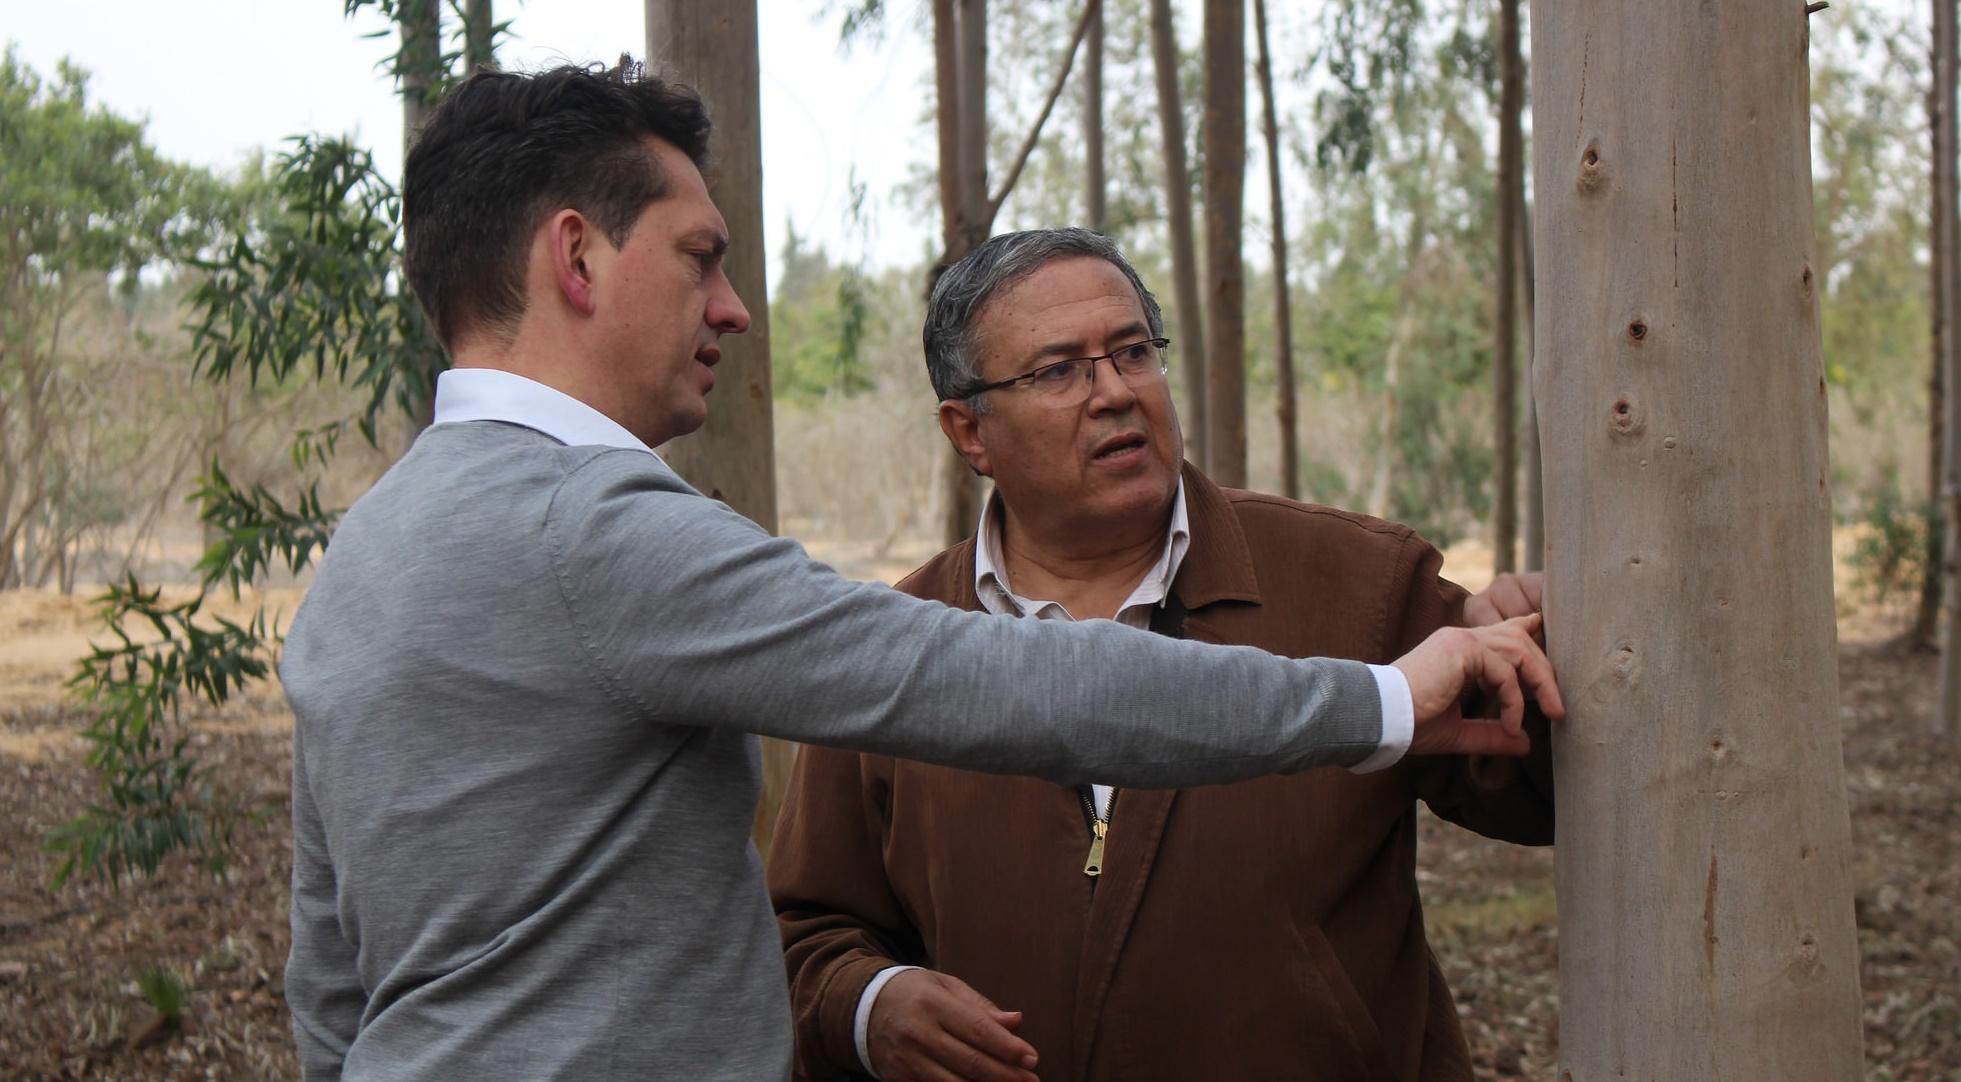 Dirk Walterspacher, Geschäftsführer der DesertTimber Consulting eG, und der ägyptische Forstwissenschaftler Dr. Hassan Hossam begutachten die Entwicklung eines neun Jahre alten Eukalyptusbaums. Foto: ForestFinance